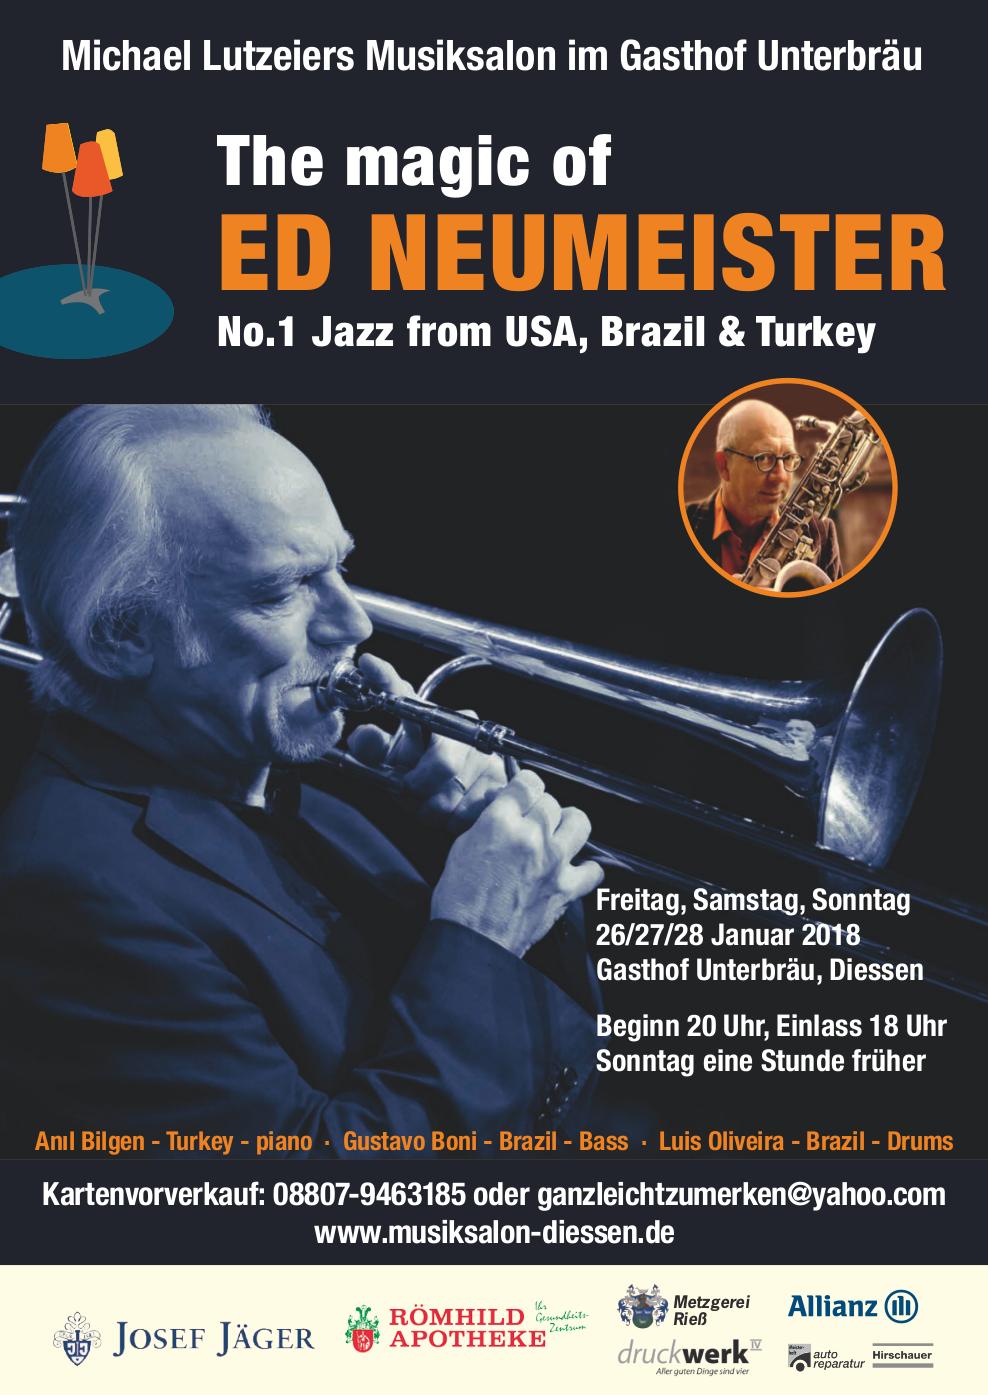 The Magi of Ed Neumeister im Musiksalon Diessen, 26/27/28. Januar 2018